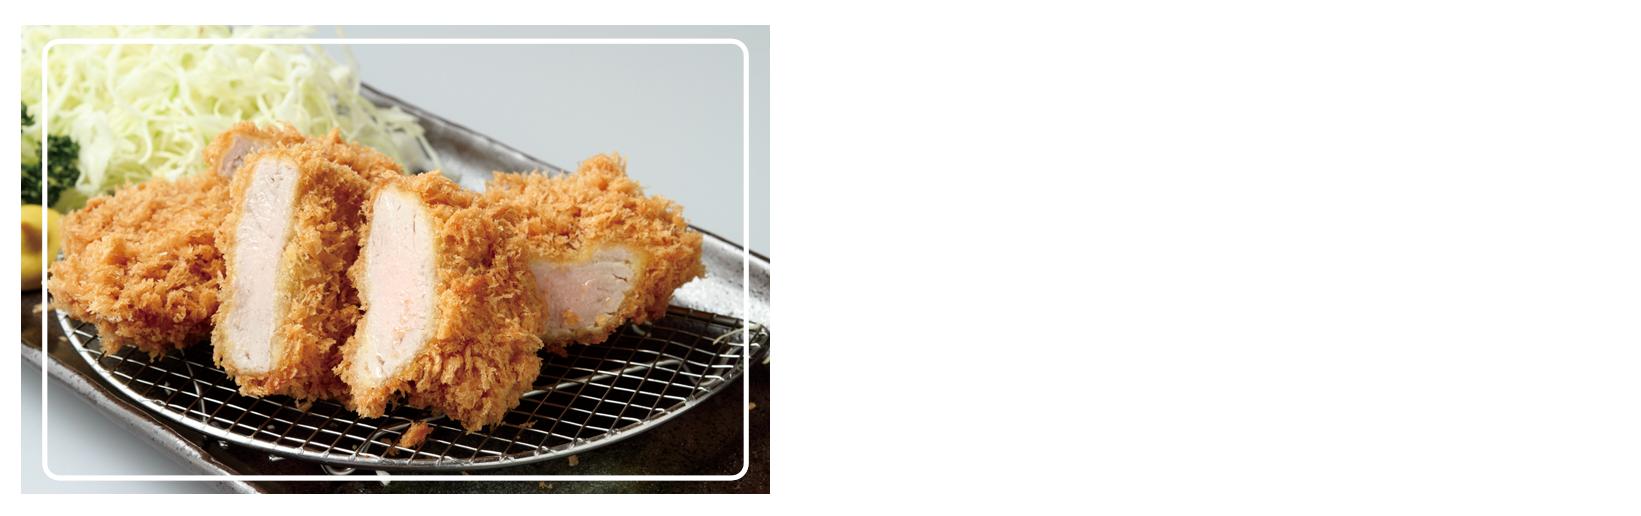 gyu1kodawari04